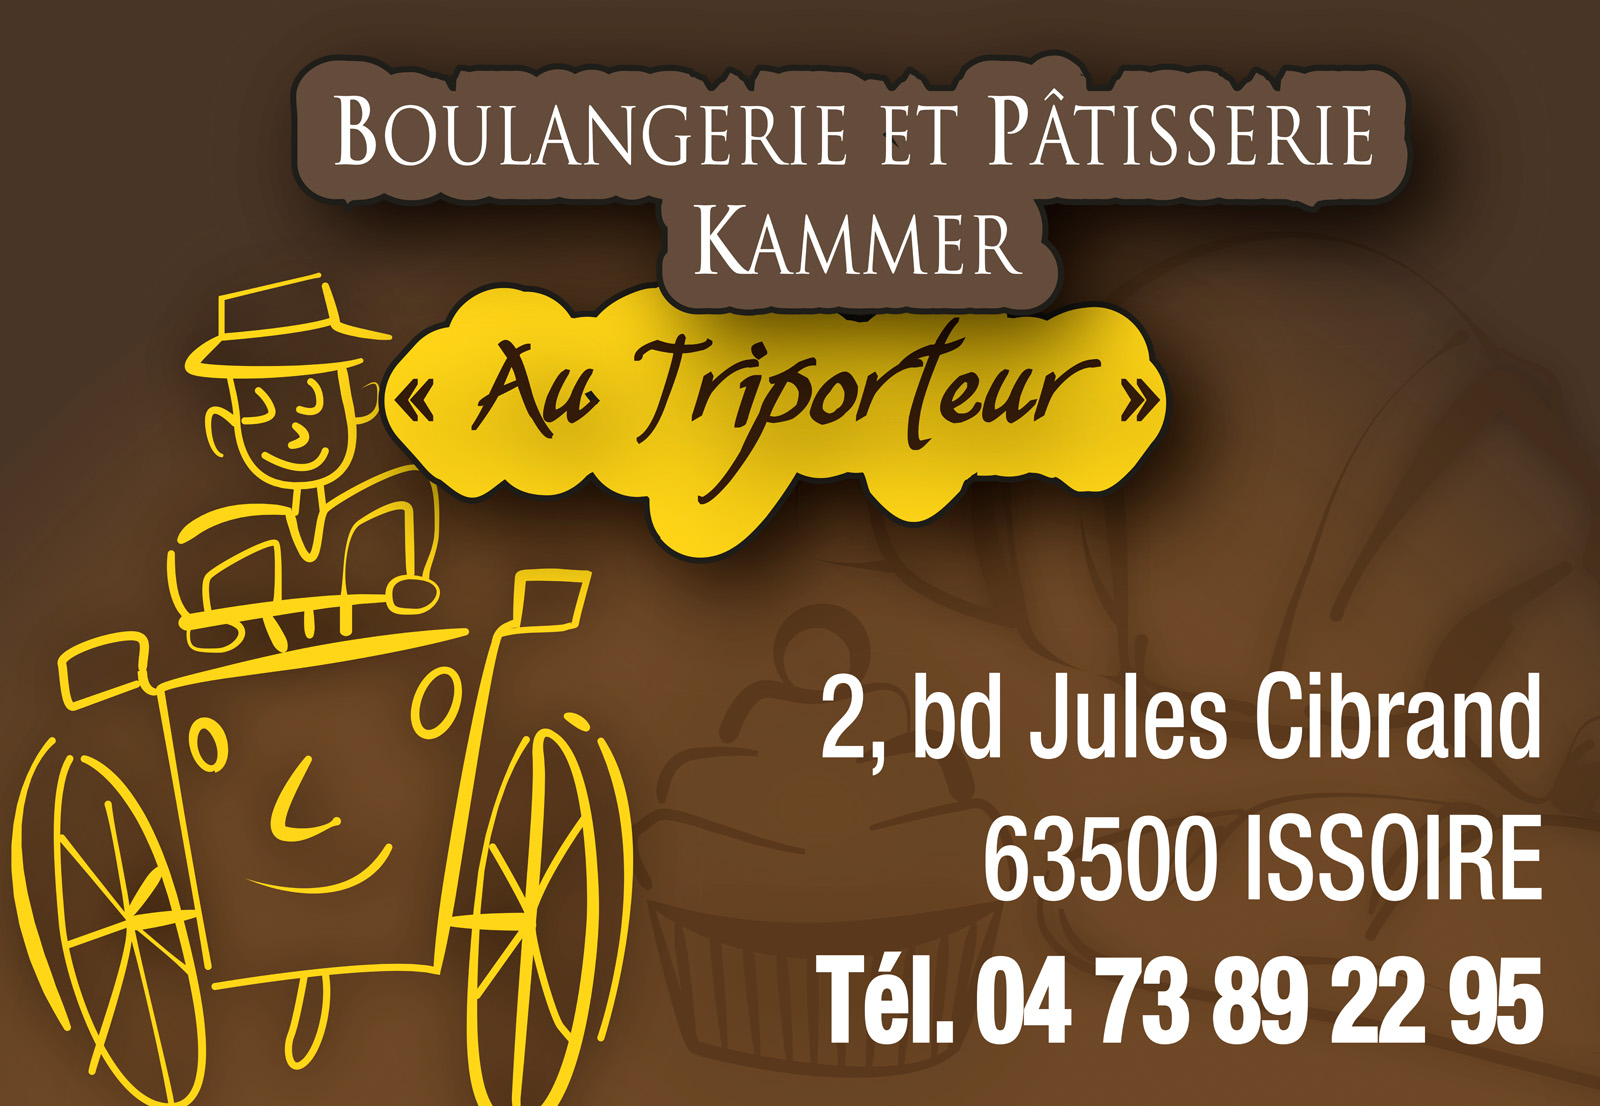 logo Boulangerie Patisserie Kammer